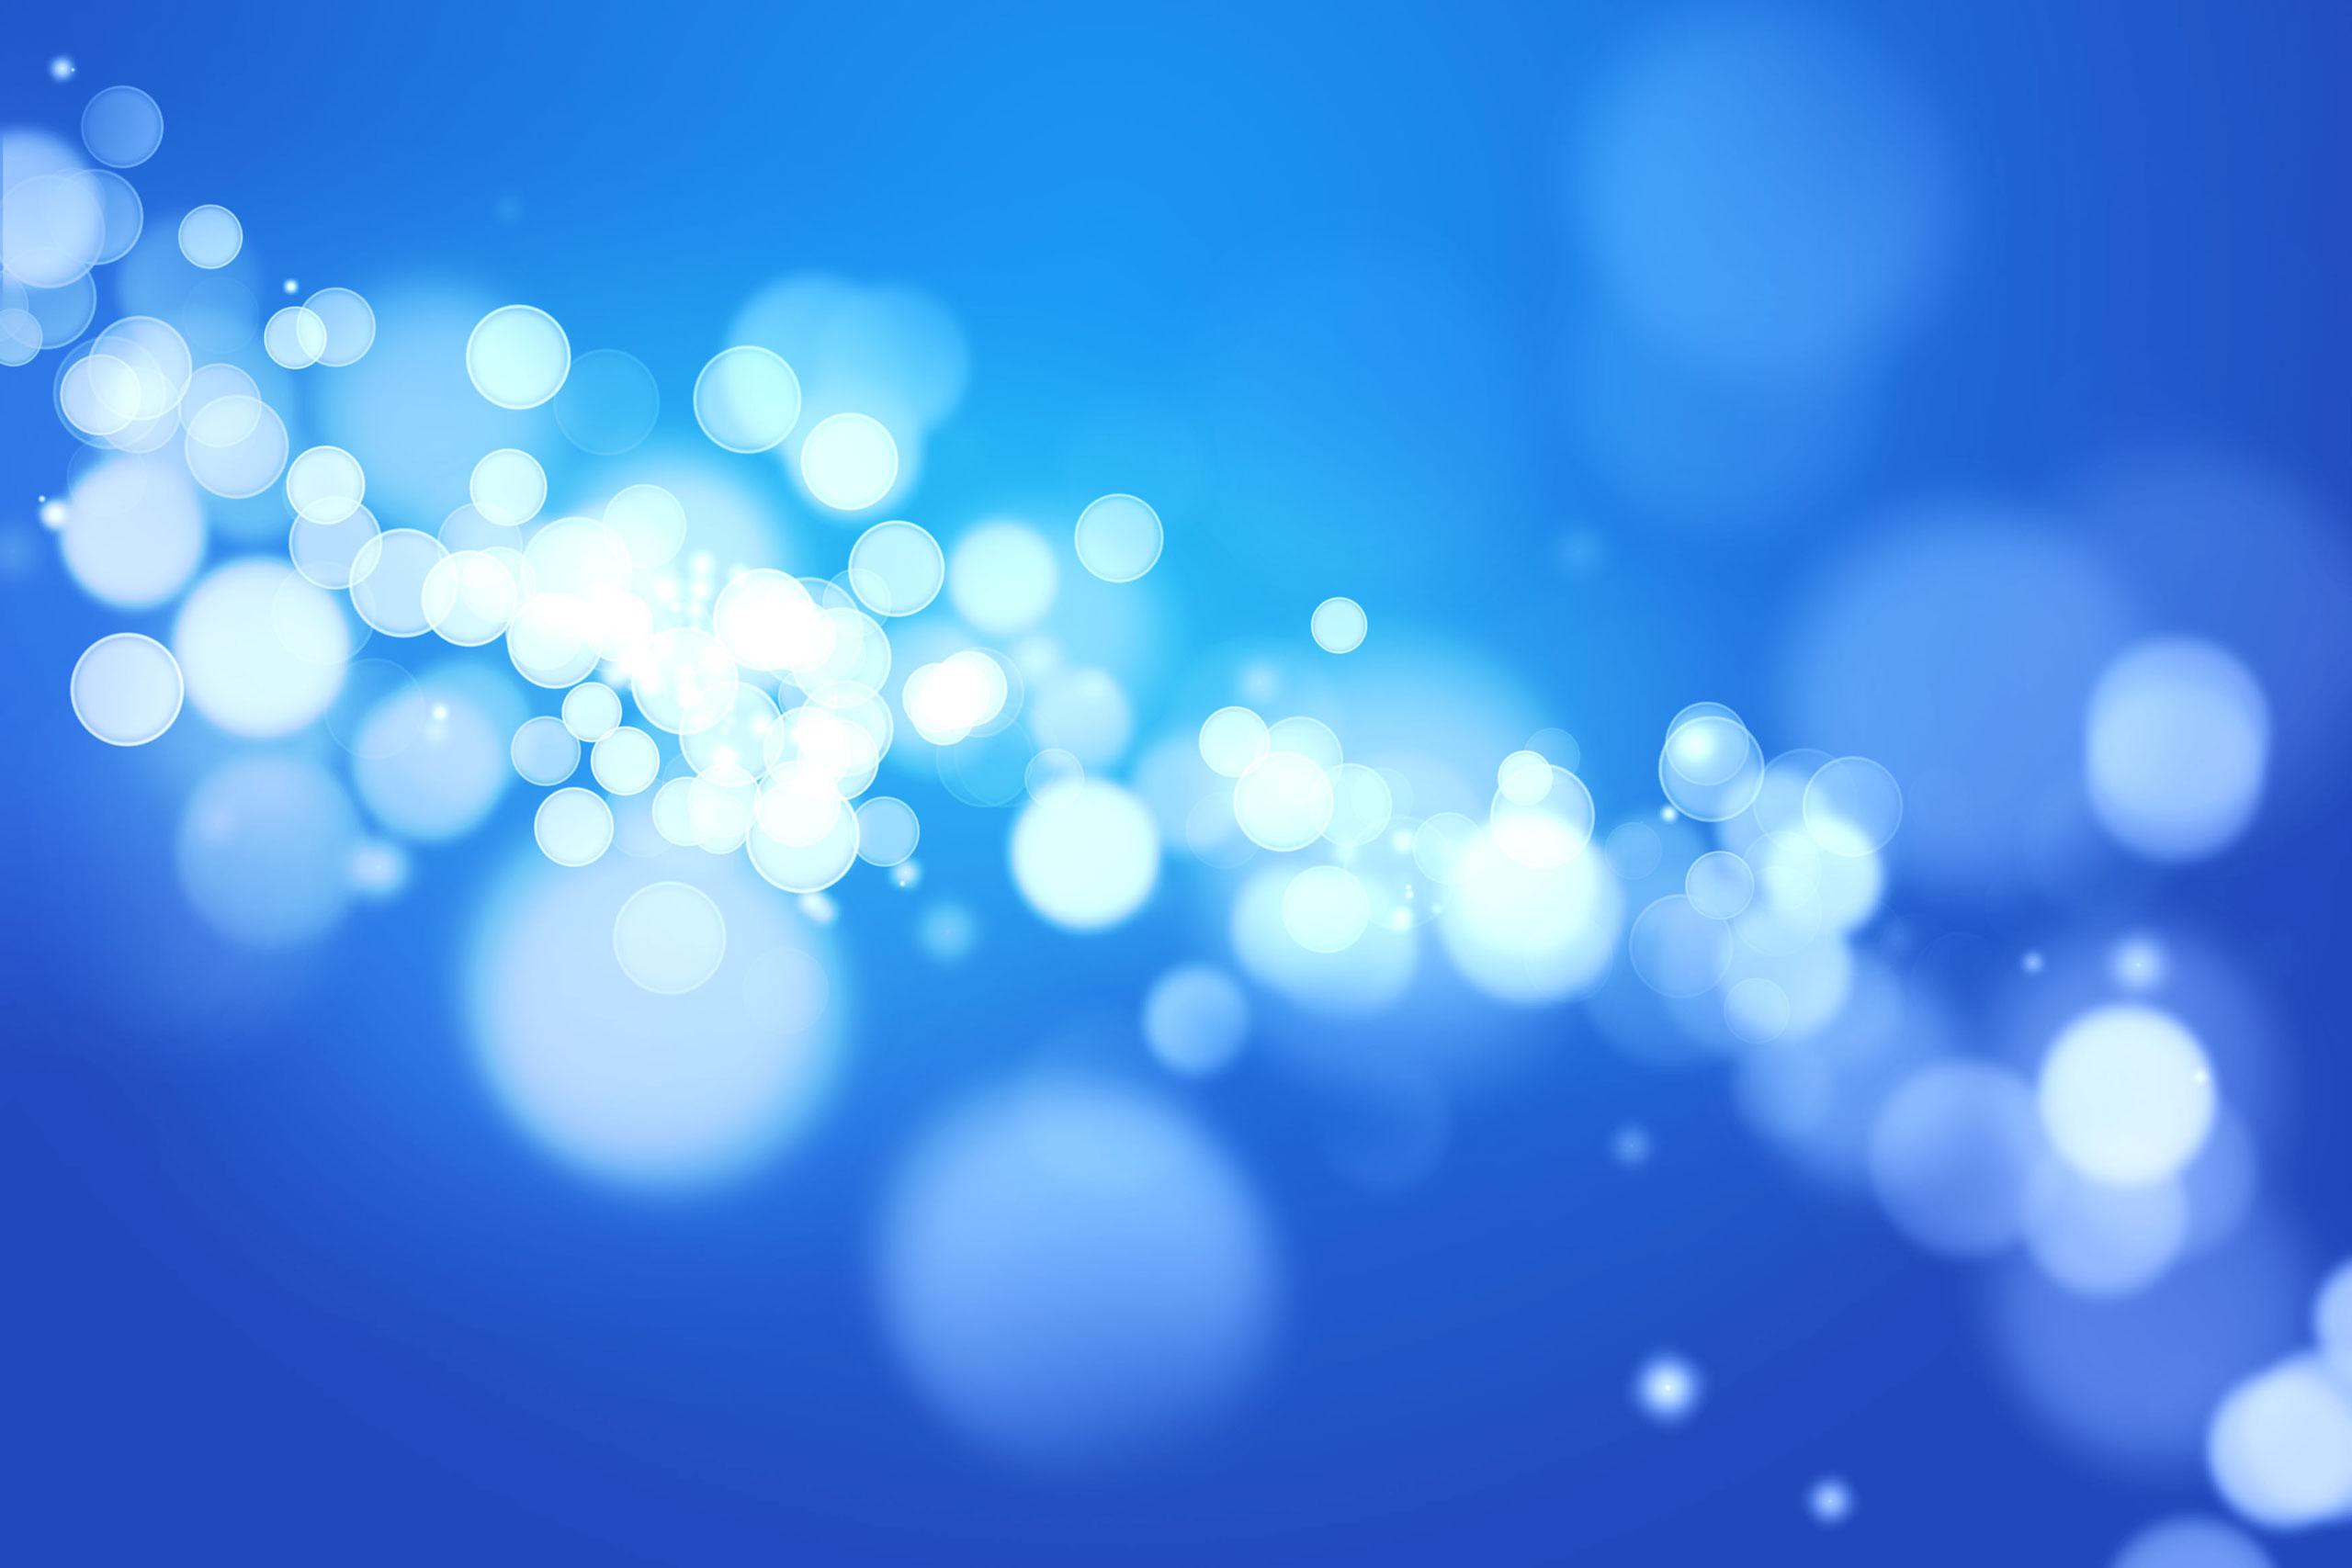 Голубой фон со светящимися круглыми бликами.